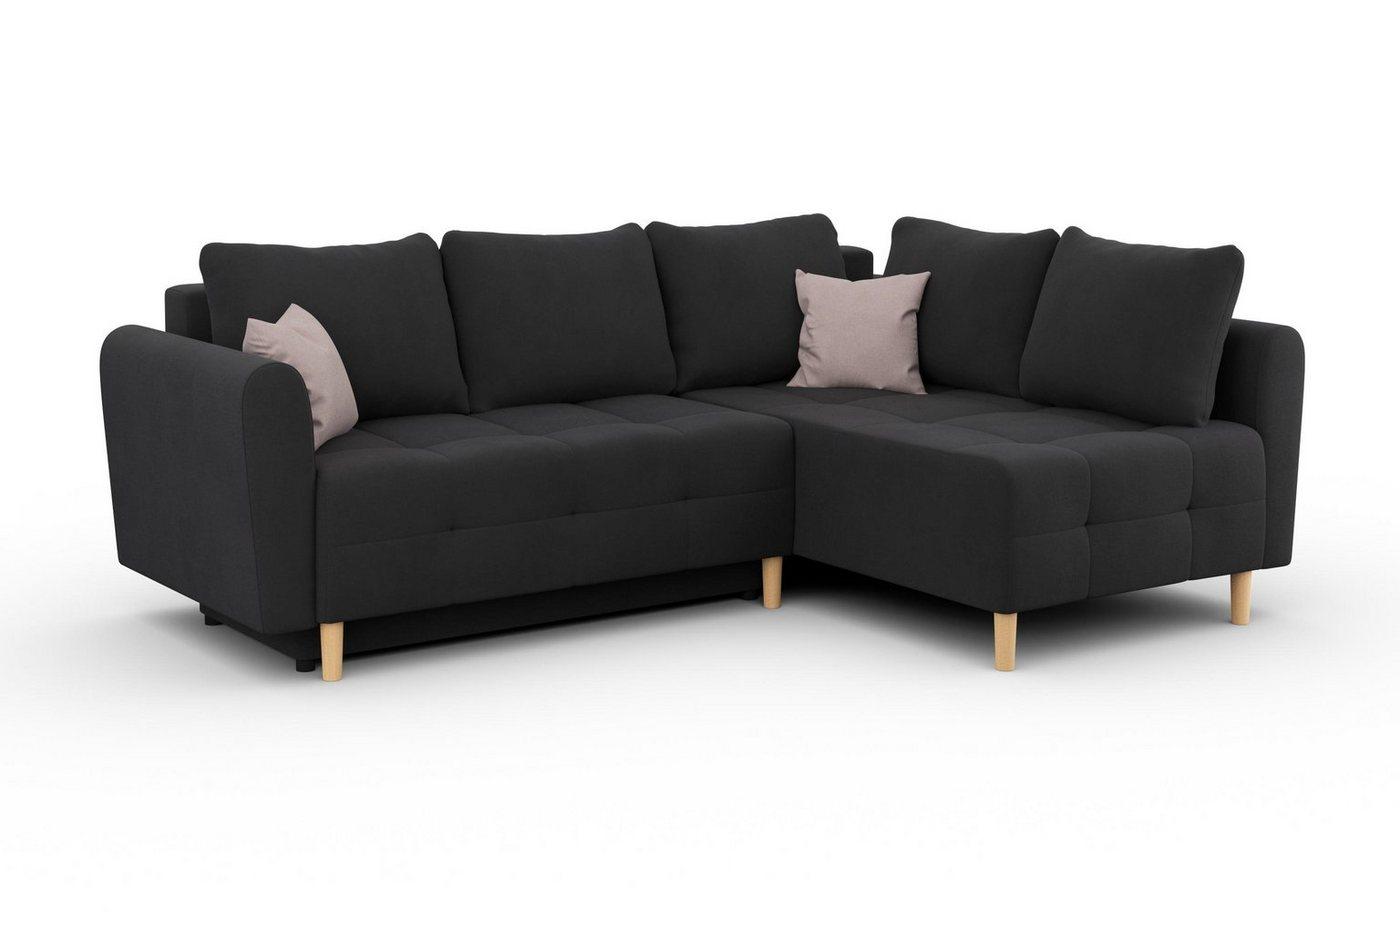 Sofas - Home affaire Ecksofa »Nordic« mit Bettfunktion und Bettkasten, Steppung im Sitzbereich  - Onlineshop OTTO